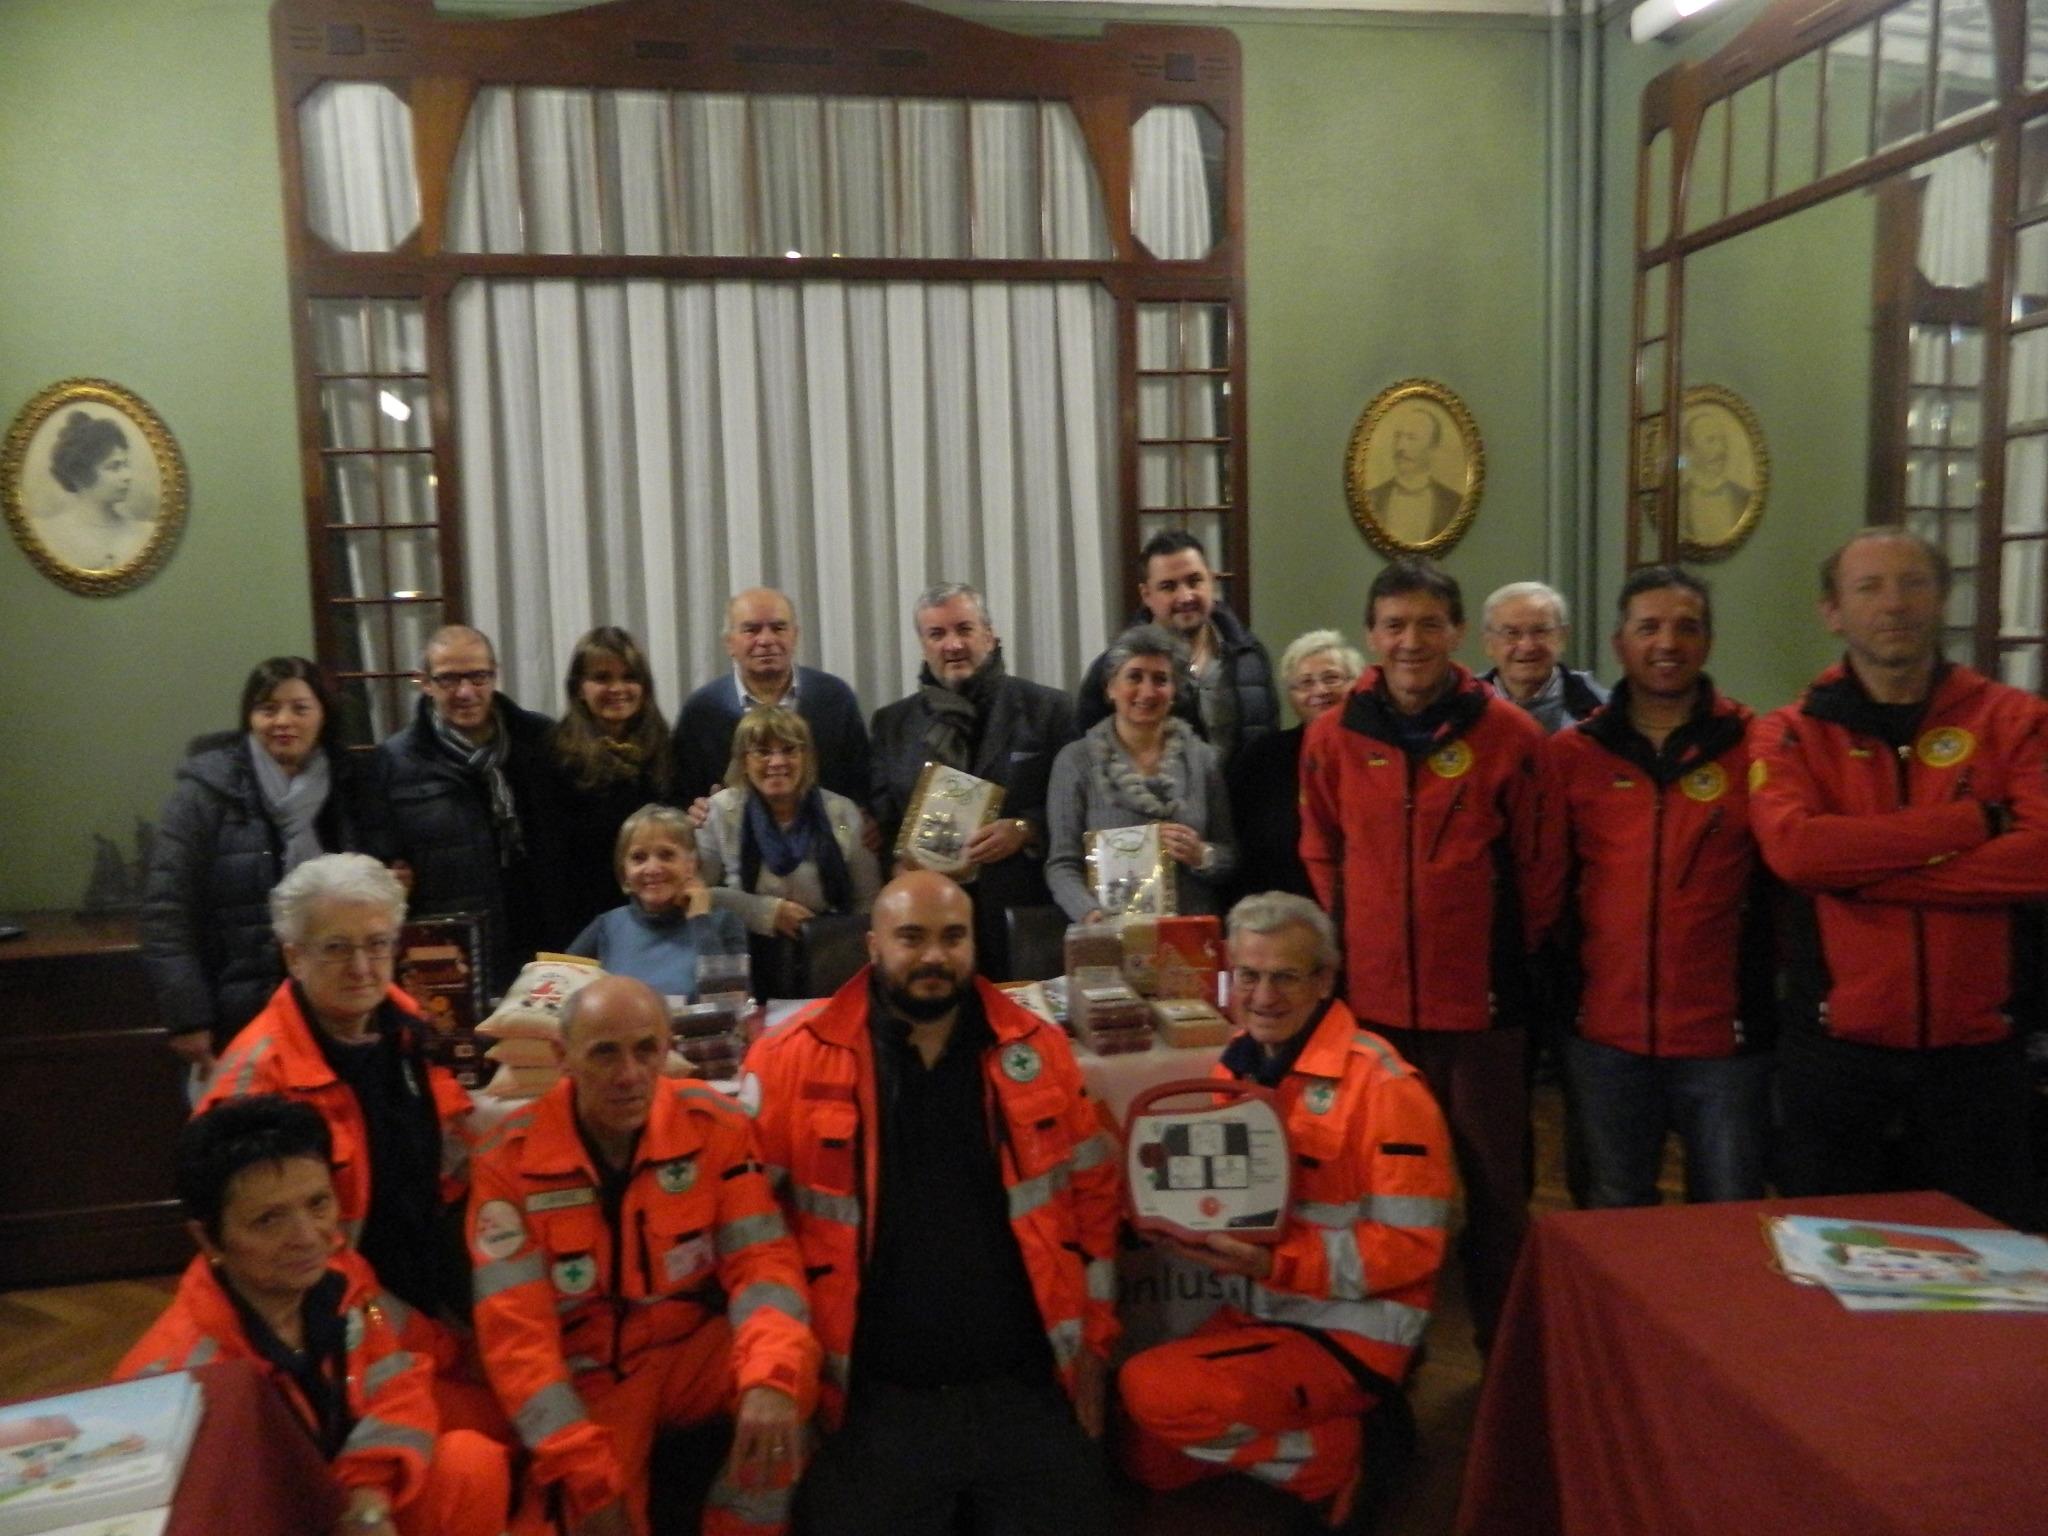 Consegna defibrillatore a Croce Verde Cumiana presente CRI e Soccorso alpino da parte Progetto Vals